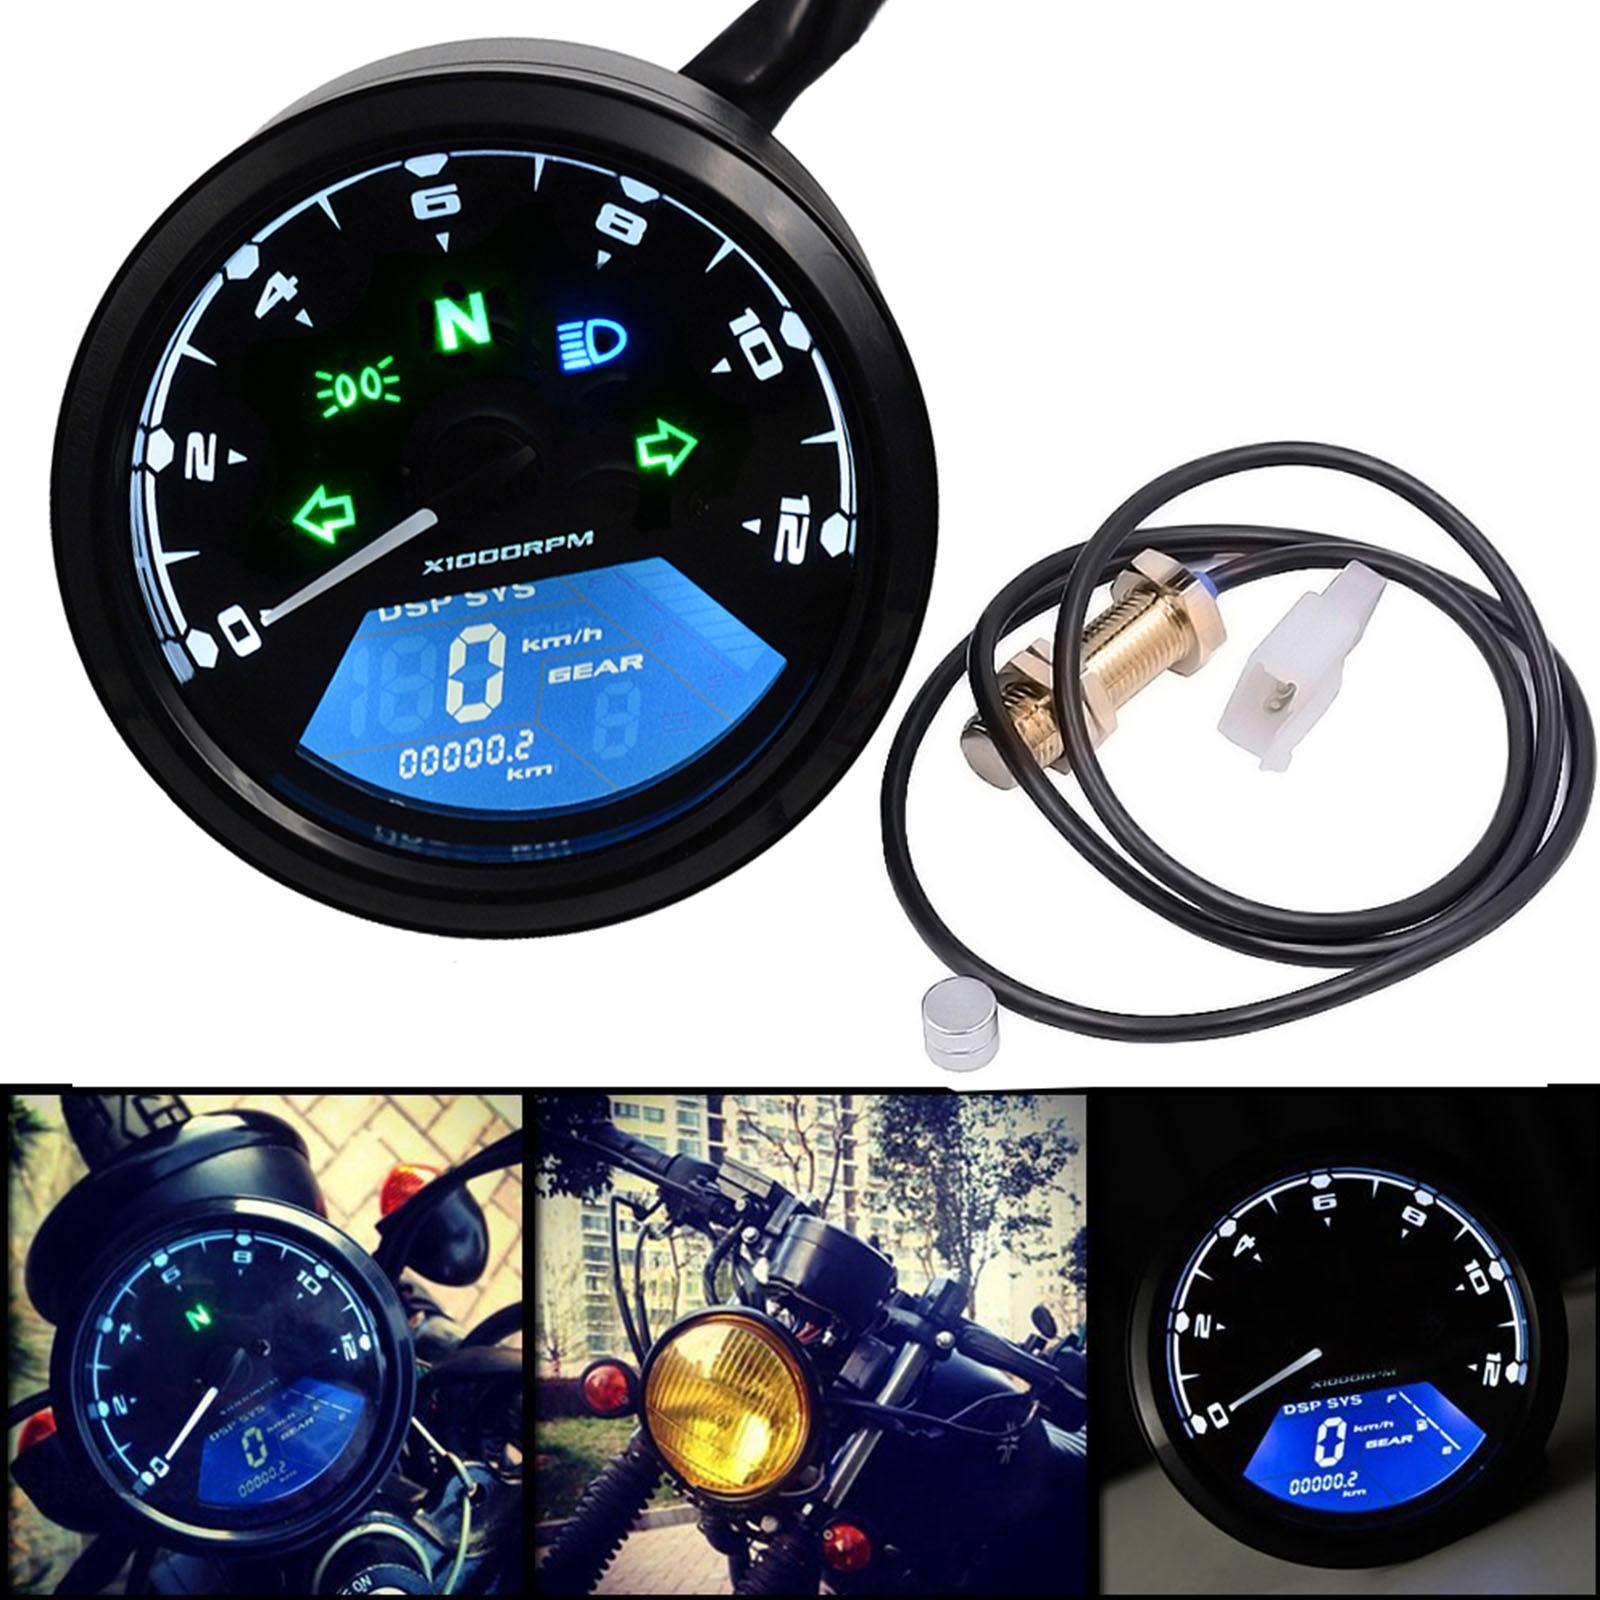 Motorcycle Waterproof LCD Digital Speedometer Odometer Tachometer 12000RMP Fuel Meter 1-4 Cylinders Motor Instrument Gauge Refit цена